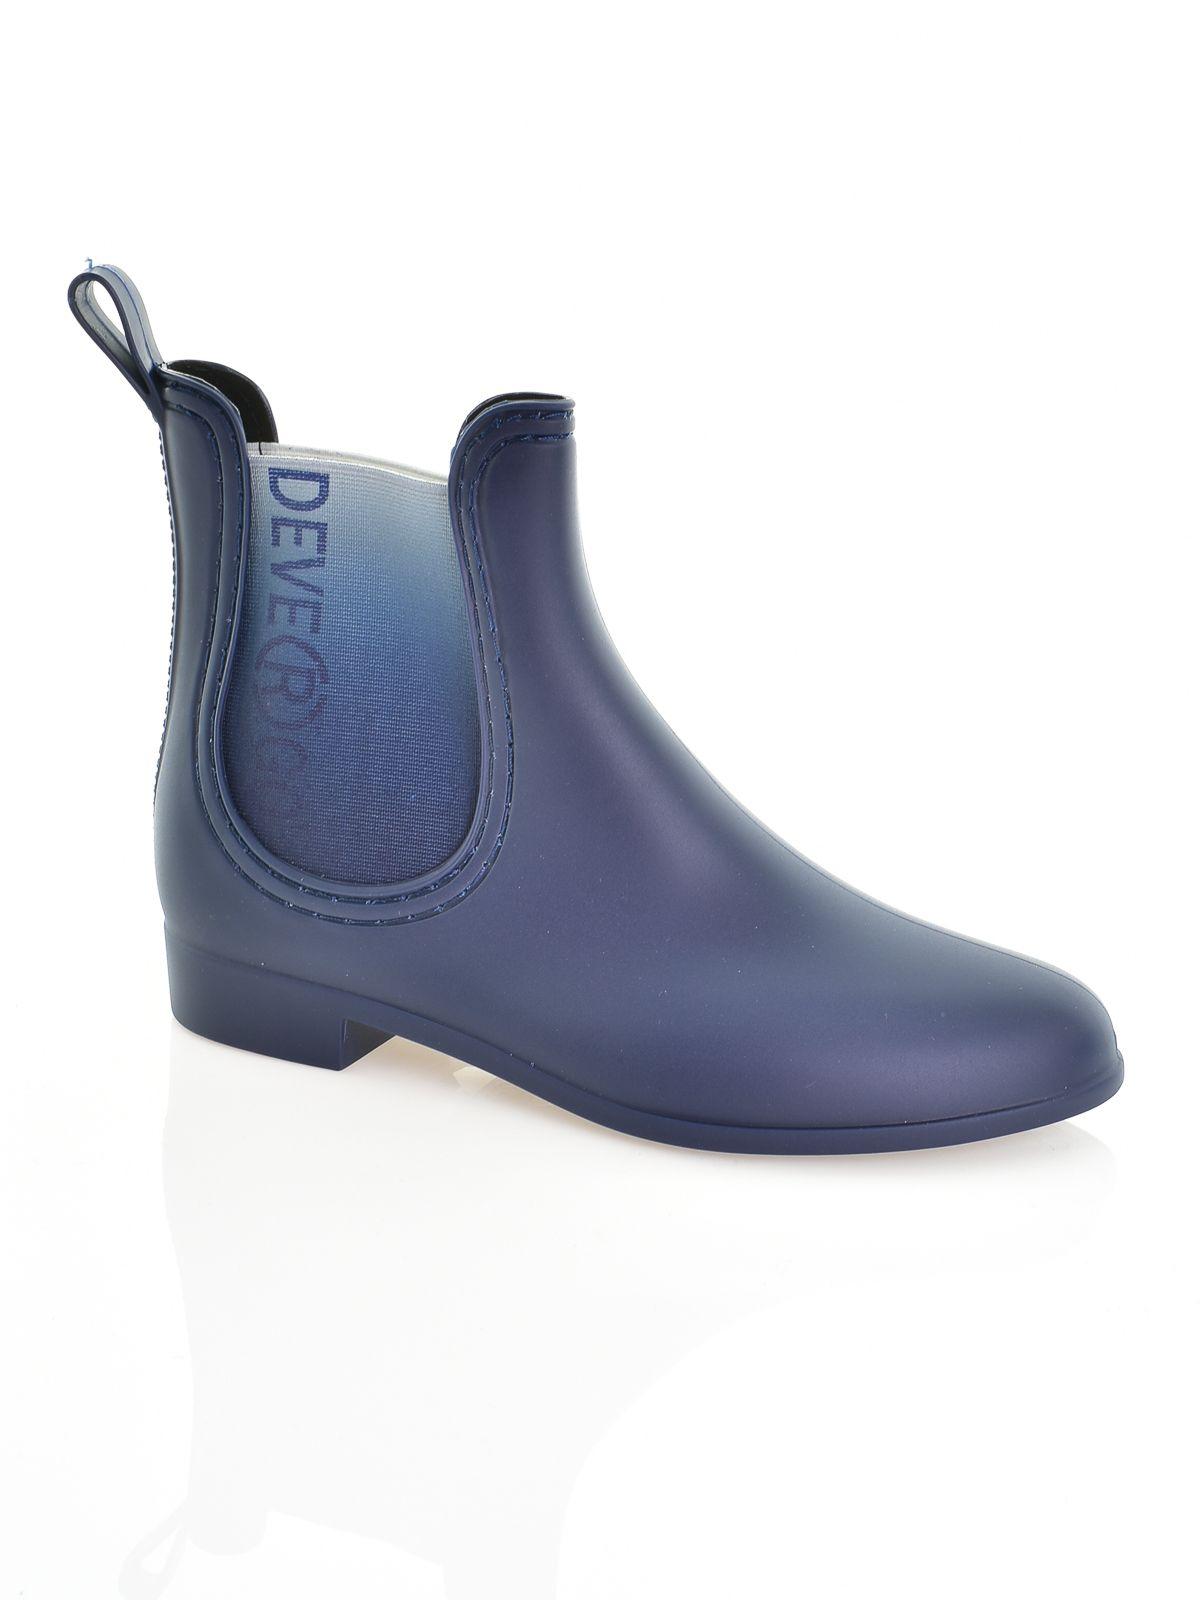 híres márka olcsó eladó legjobban szeretett so727543fe devergo női cipő csizma gumicsizma boka gumicsizma ...